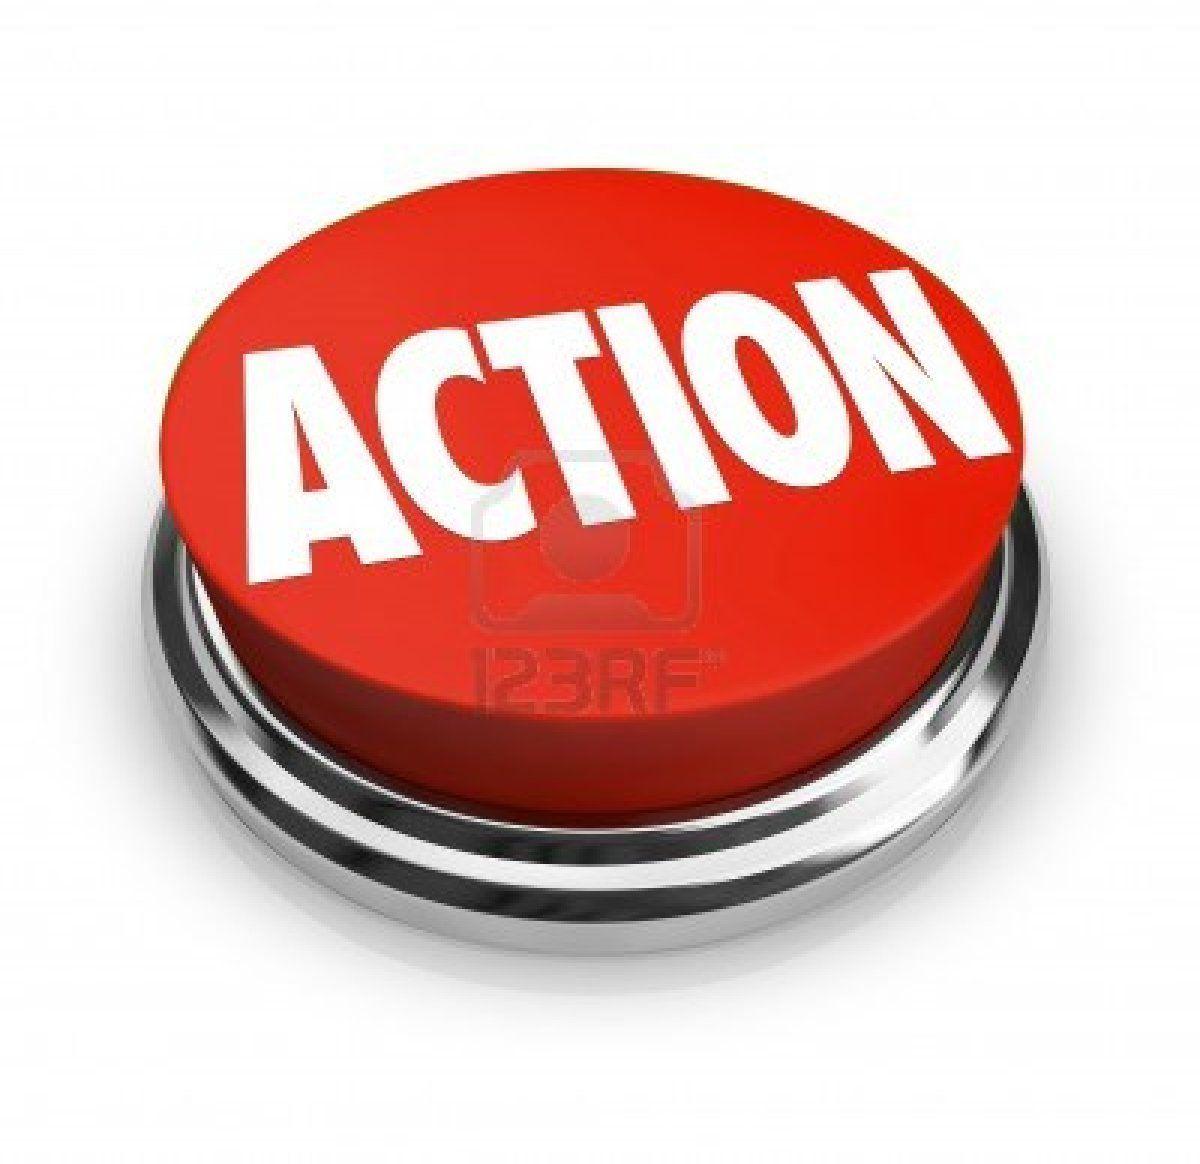 Nós somos o resultado dos nossos pensamentos e ações.  E tu podes ser o que quiseres se decidires. Ler o artigo»»» http://archive.aweber.com/pt-carola-ana/MUNaj/h/R_pido_O_tempo_n_o_Espera_.htm